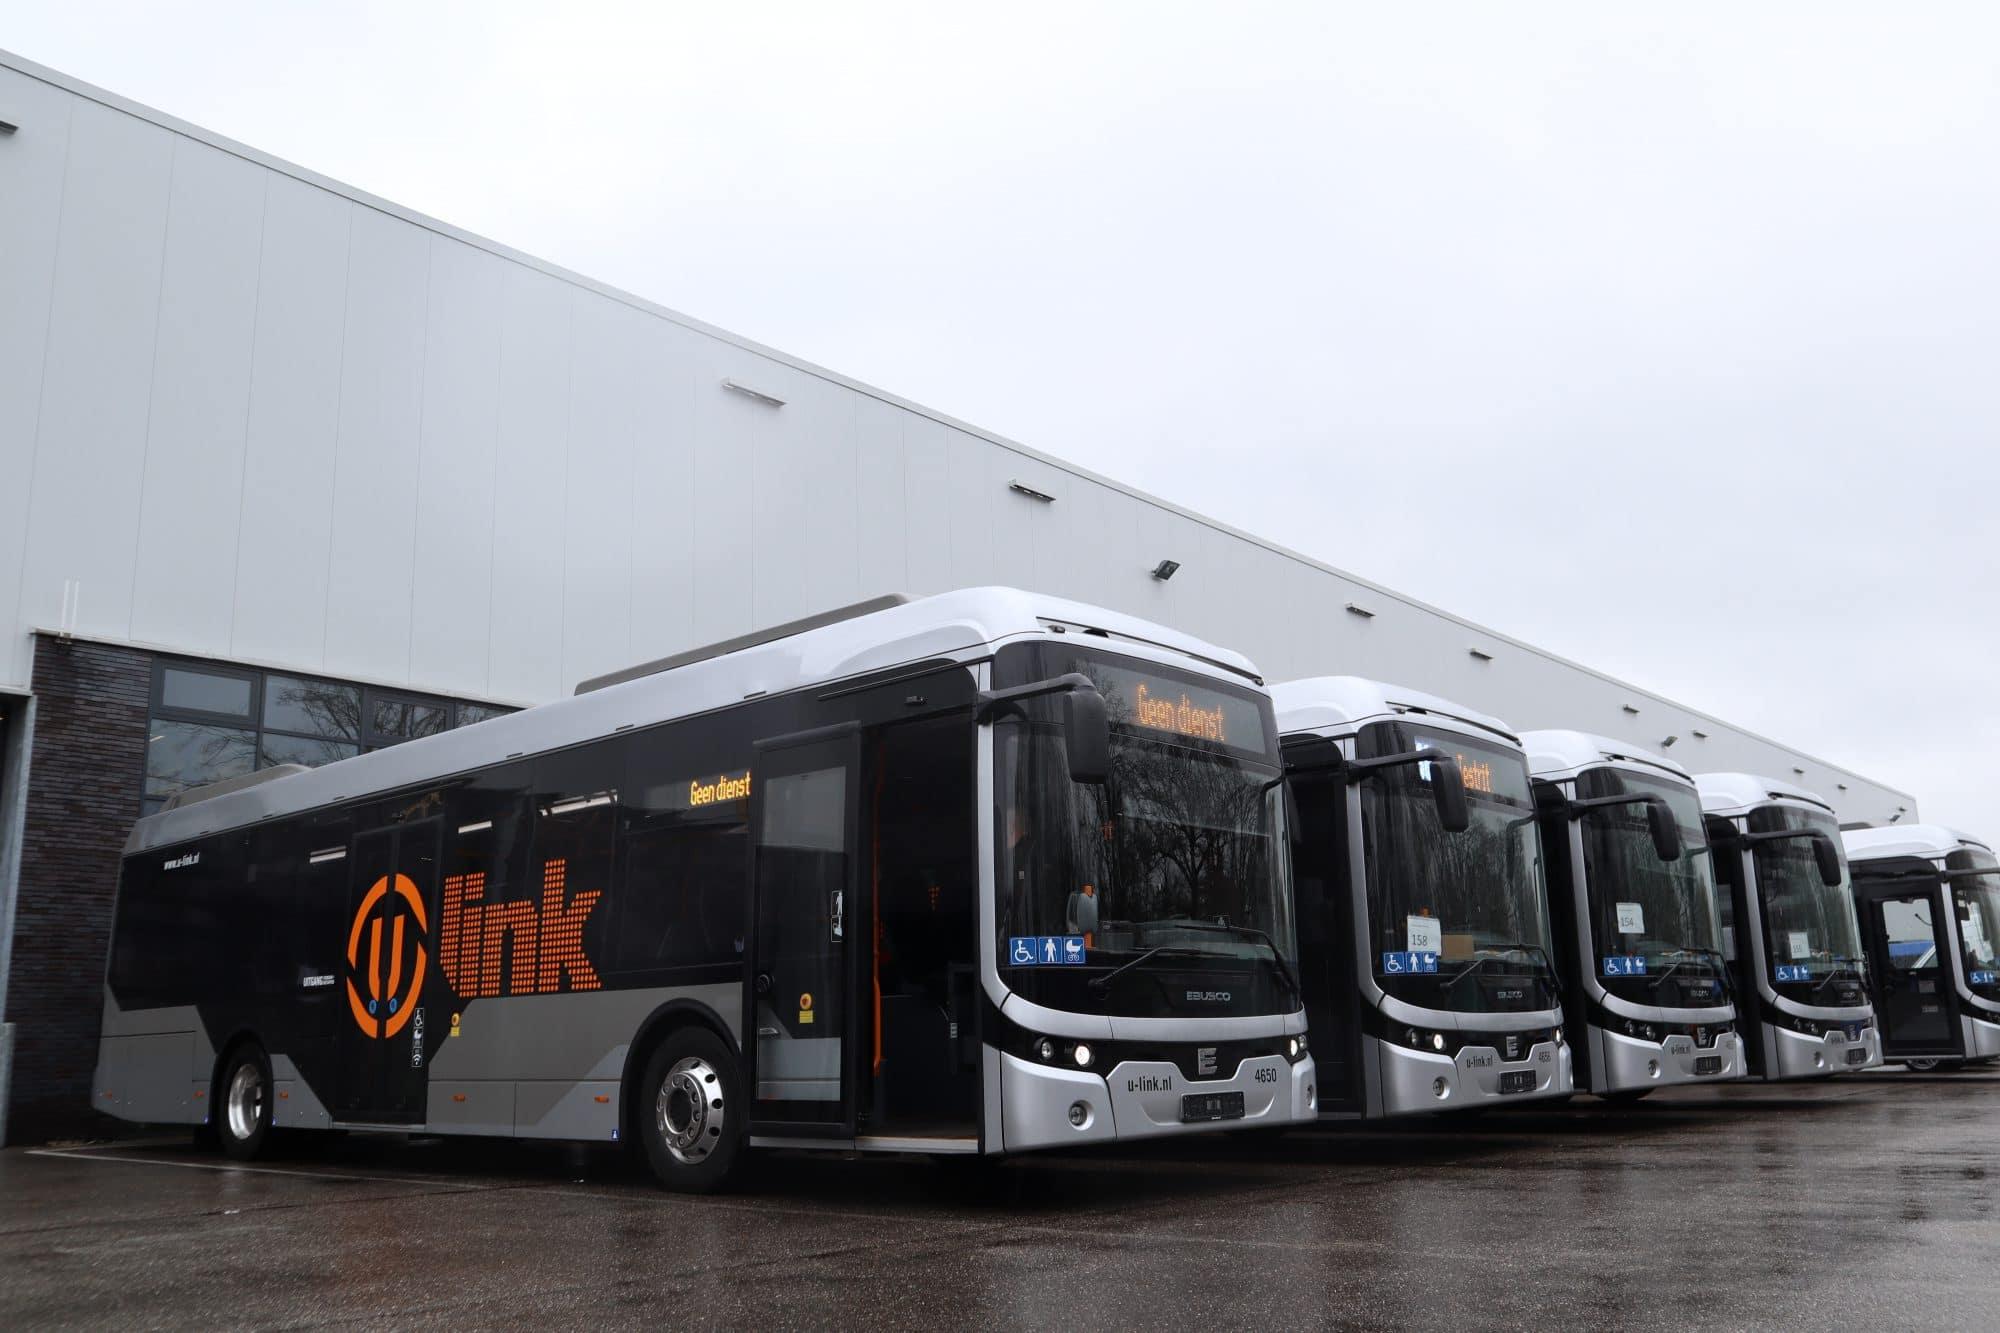 Ebusco Utrecht buses on a row